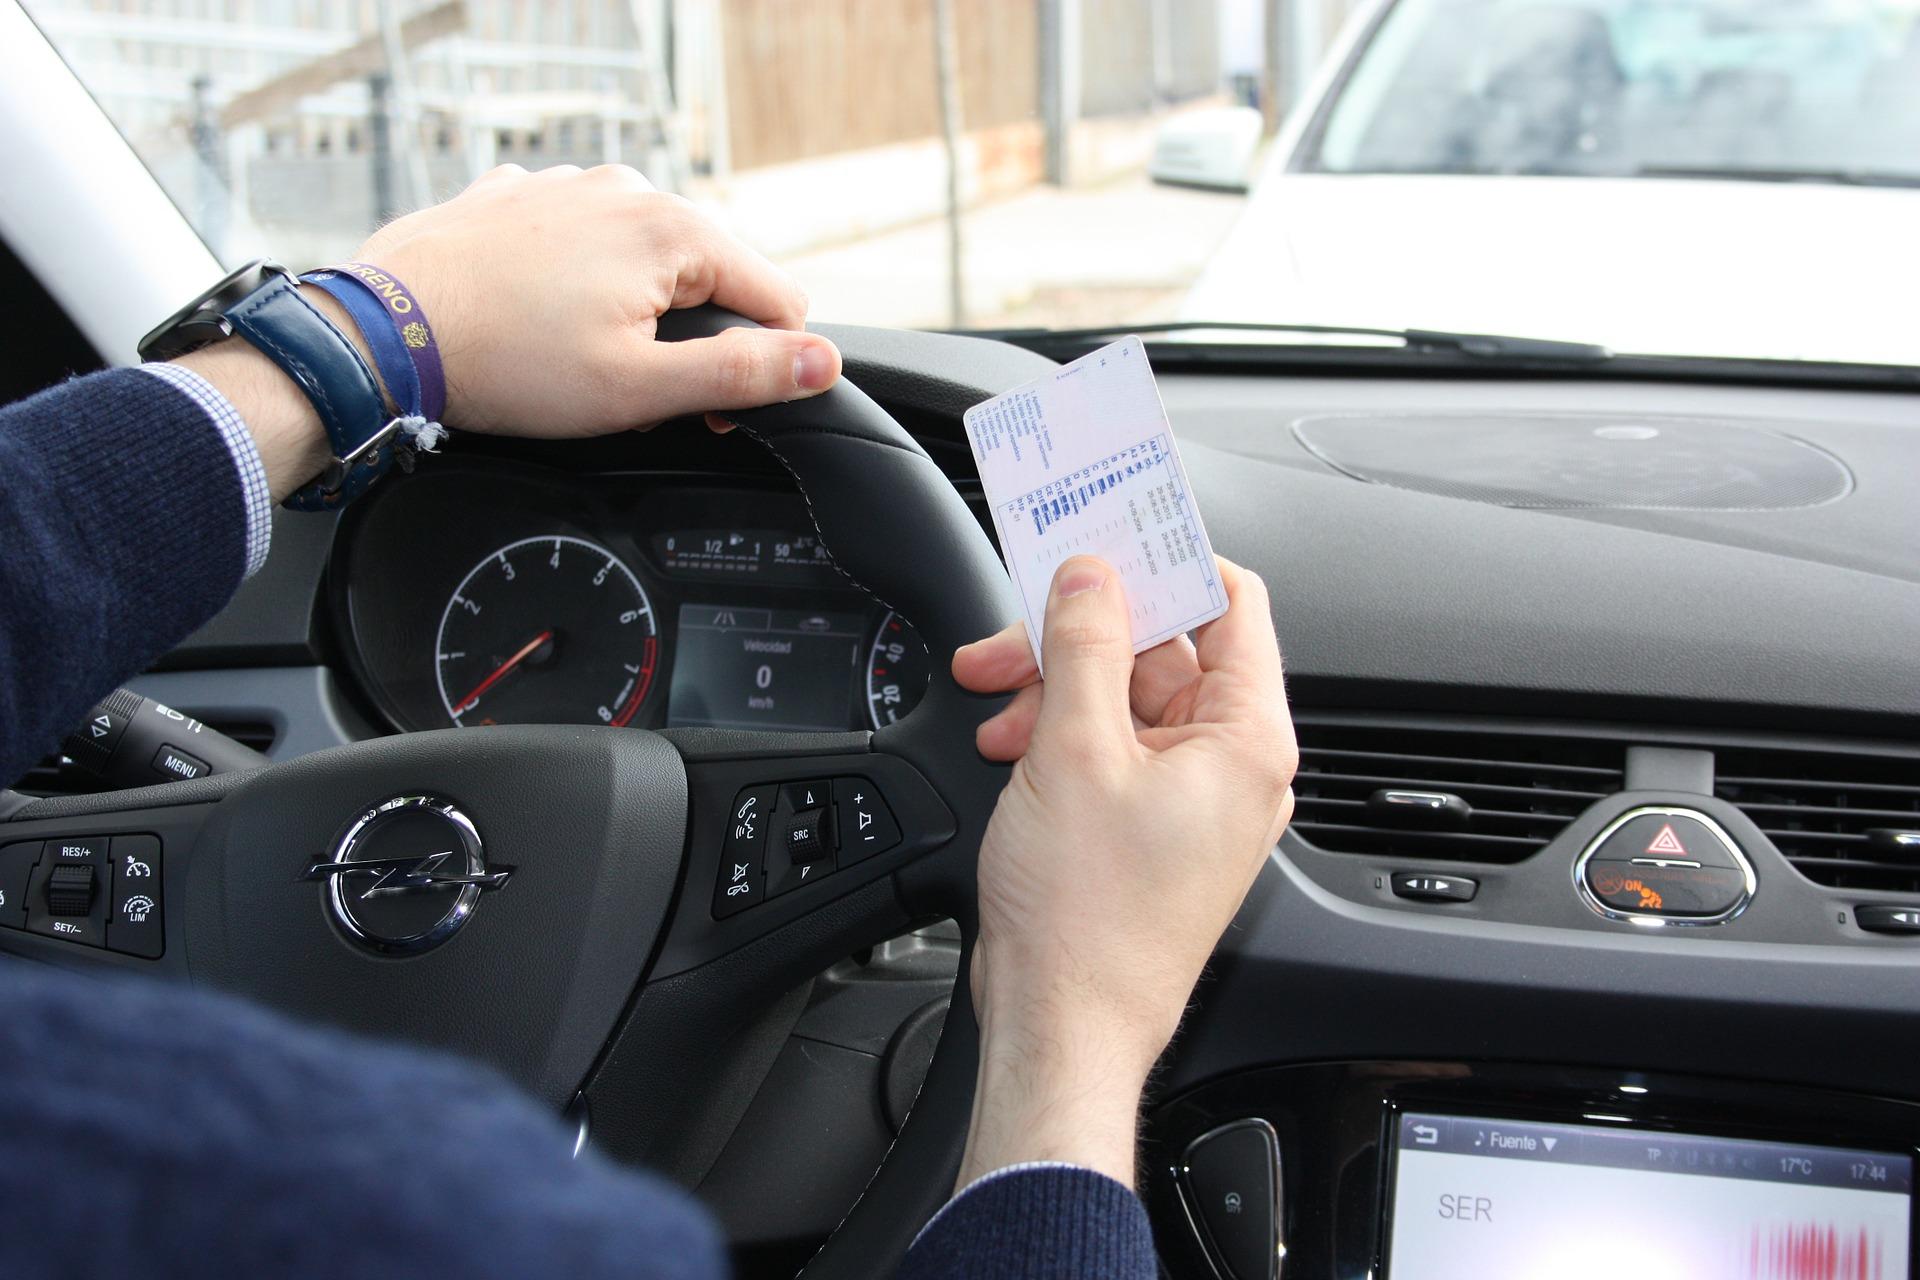 Las 10 Preguntas Mas Falladas En El Examen De Conducir Topgear Es